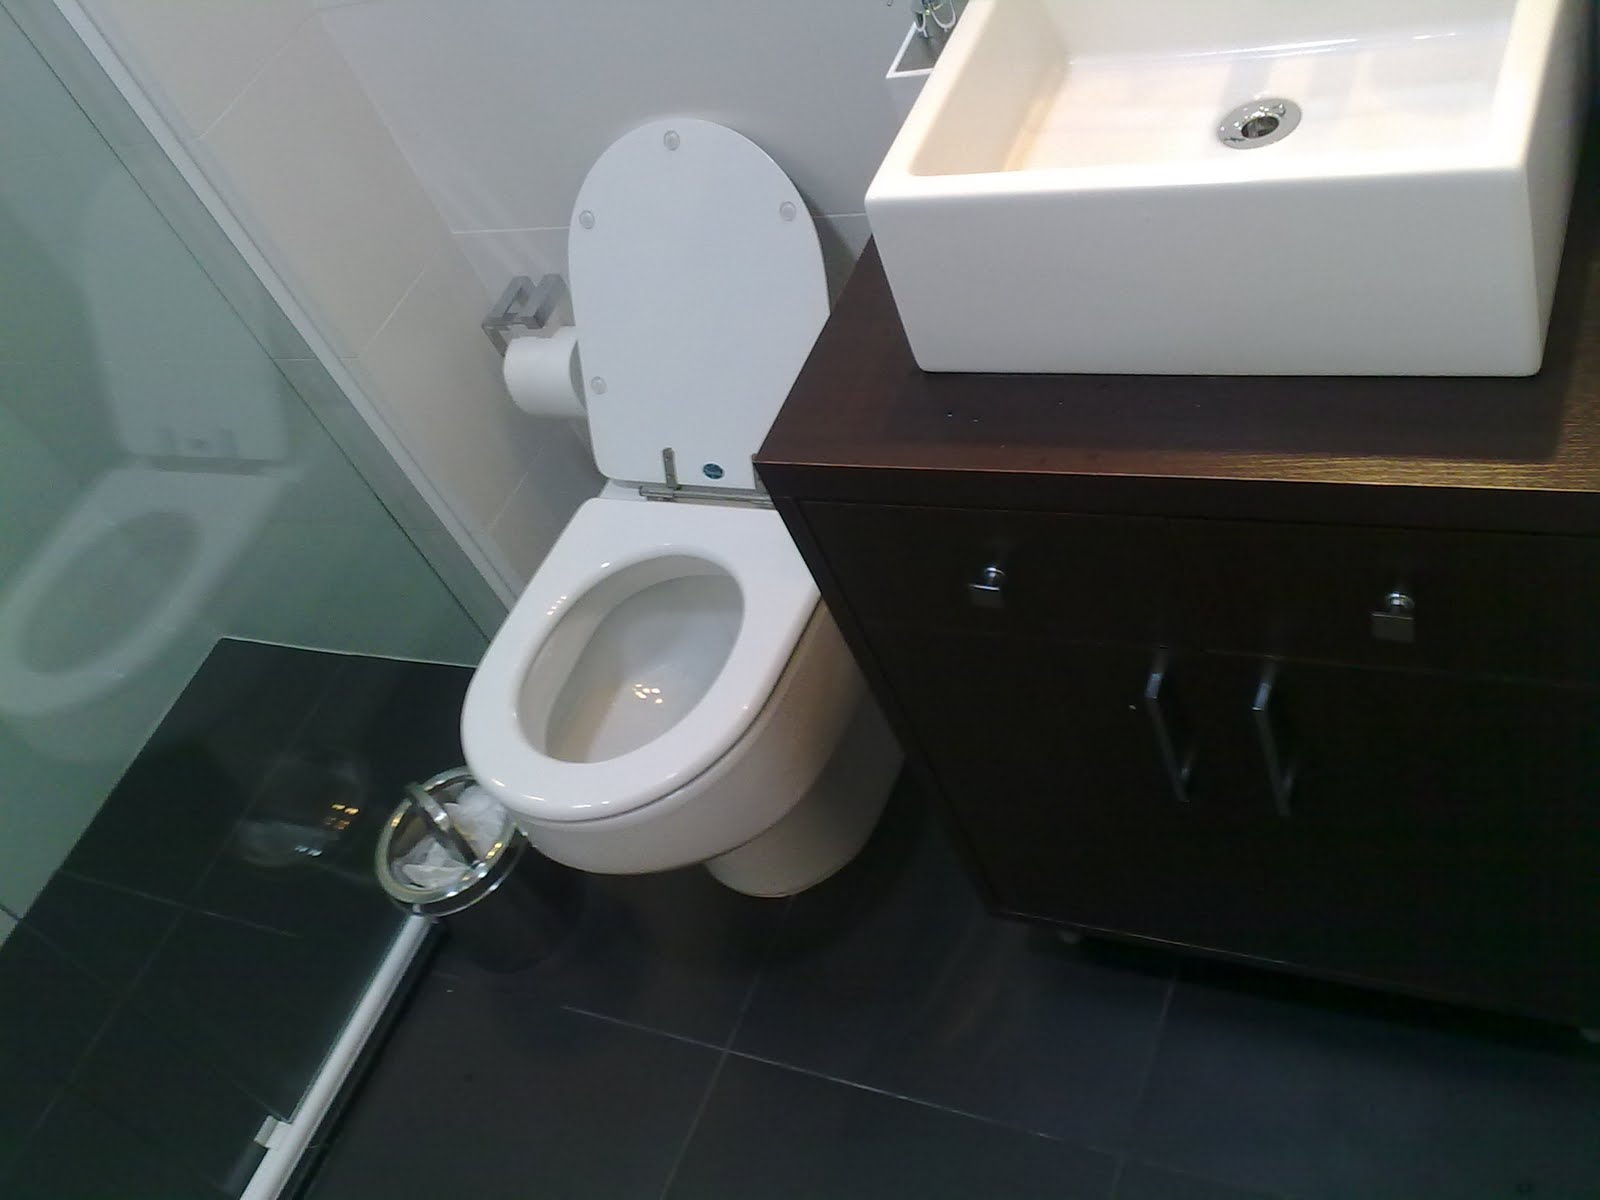 16 Pisos Para Banheiro Preto Bege Cozinha #705F45 1600x1200 Banheiro Bege Com Vaso Preto